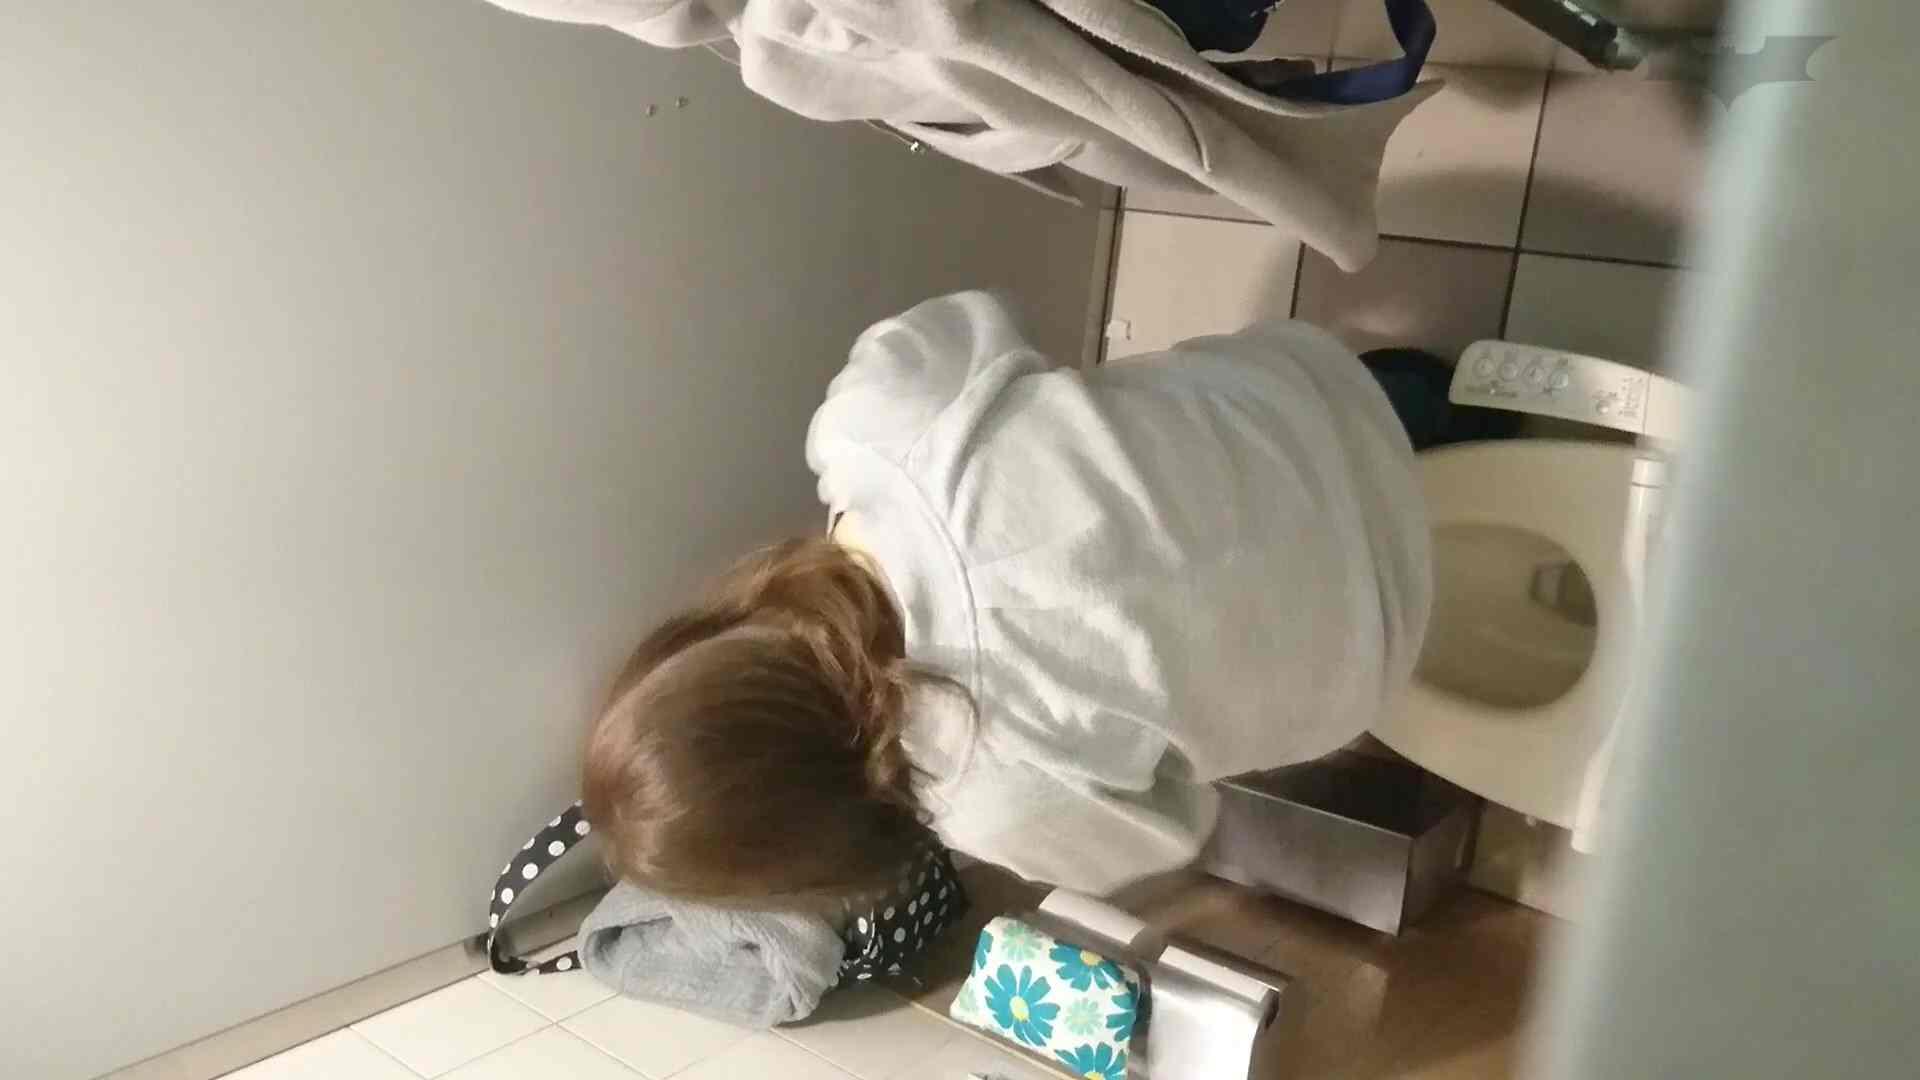 化粧室絵巻 ショッピングモール編 VOL.11 美肌   丸見えマンコ  90画像 56